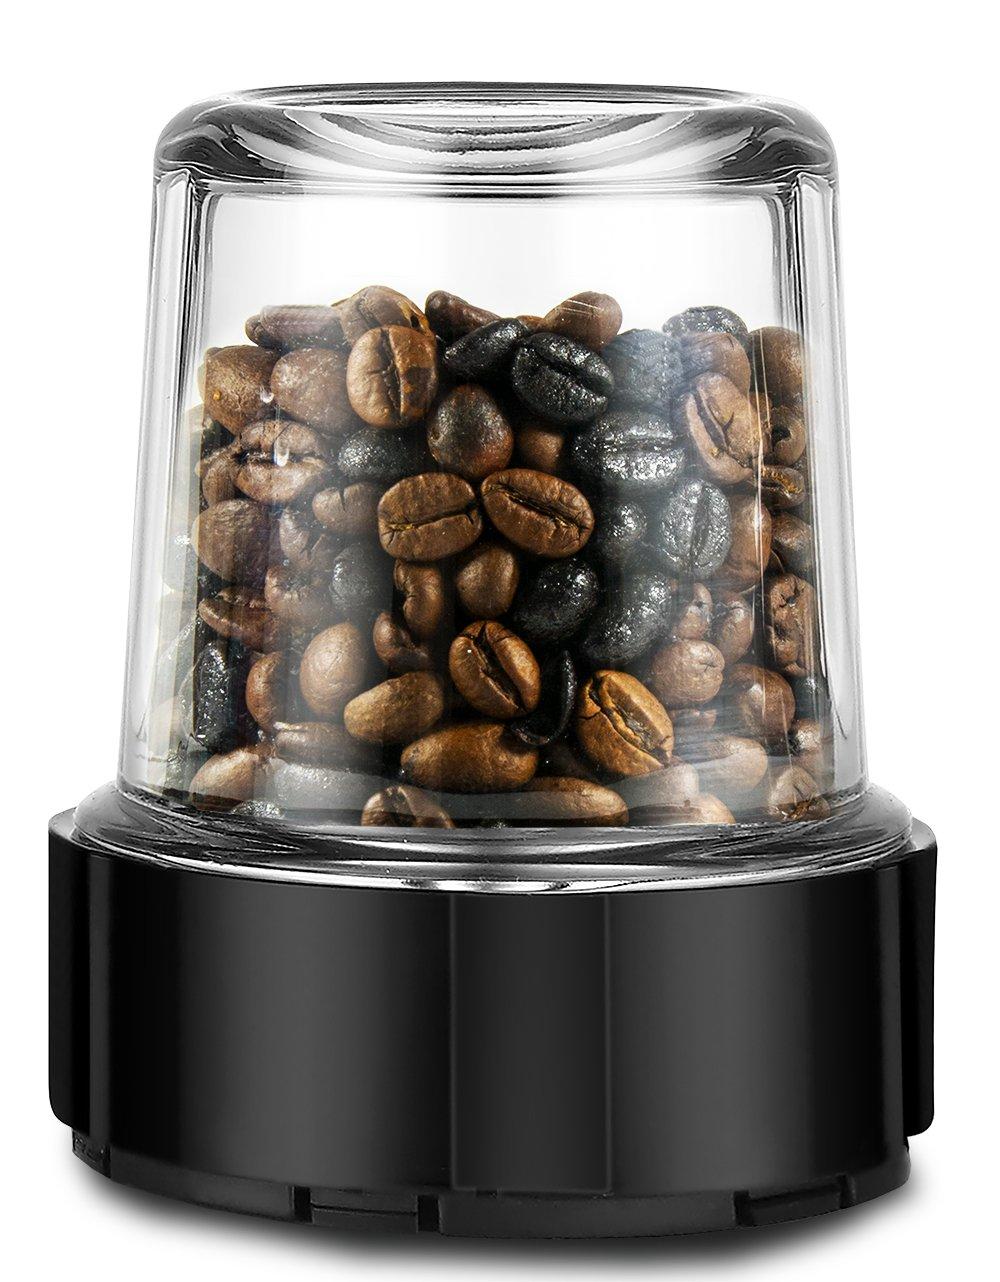 Cecotec Molinillo para café, especias y otros alimentos para Power Titanium 1000, Power Titanium 1000 Black y Power Titanium 1250.: Amazon.es: Hogar